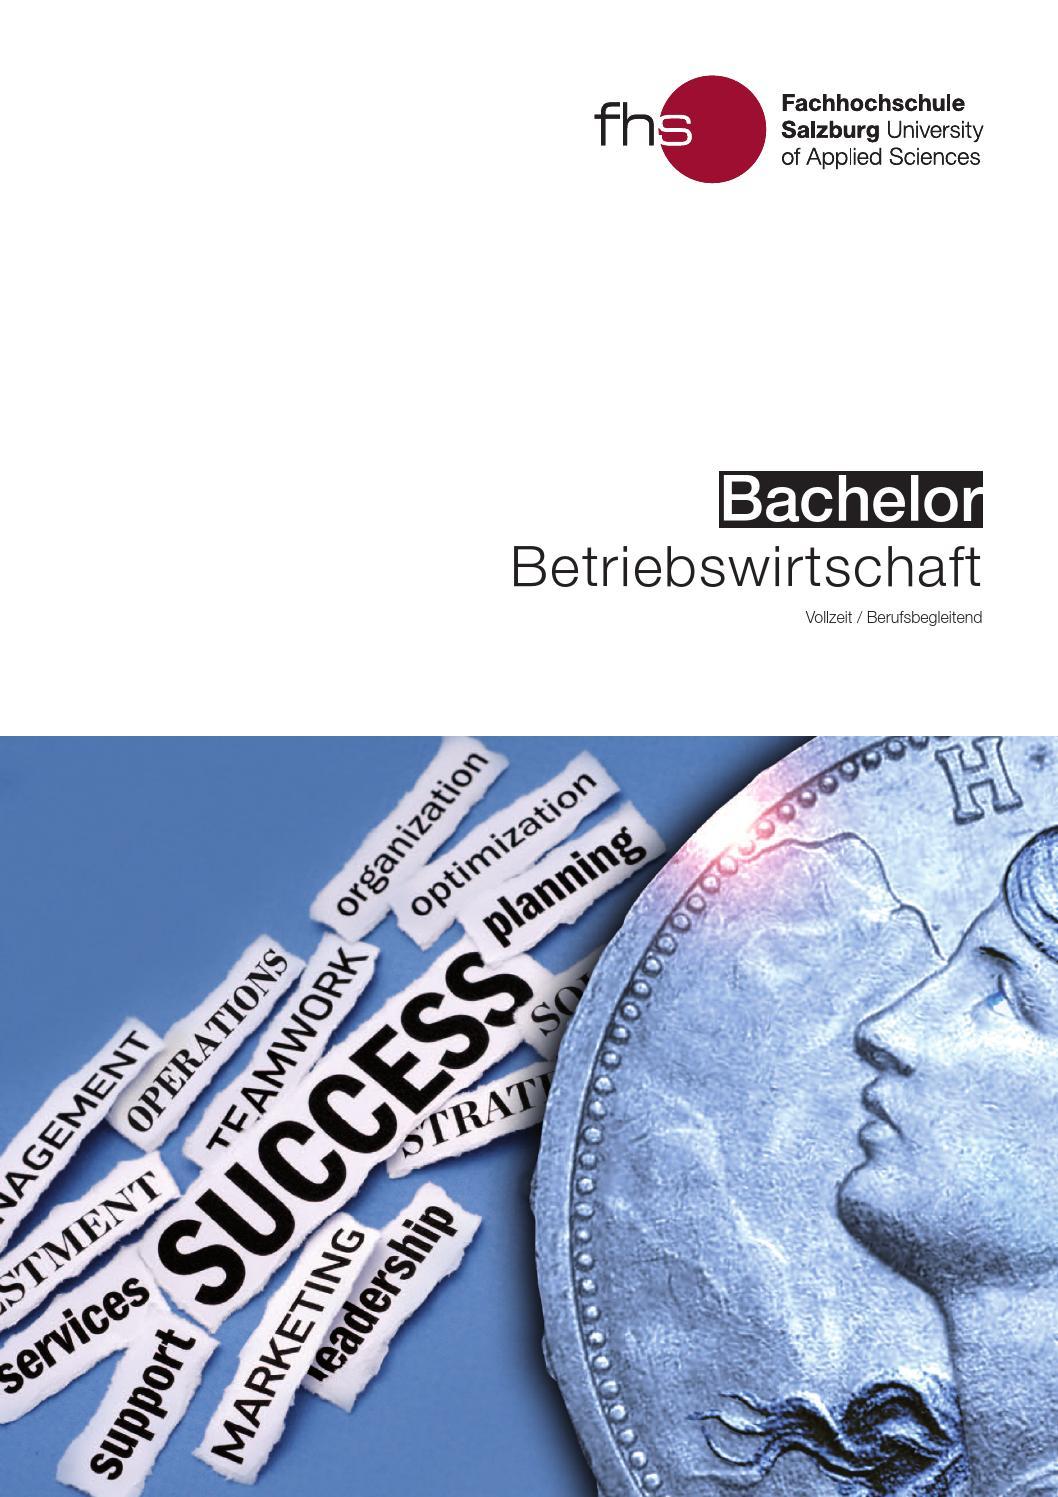 Bachelor f r betriebswirtschaft an der fh salzburg by for Betriebswirtschaft studium